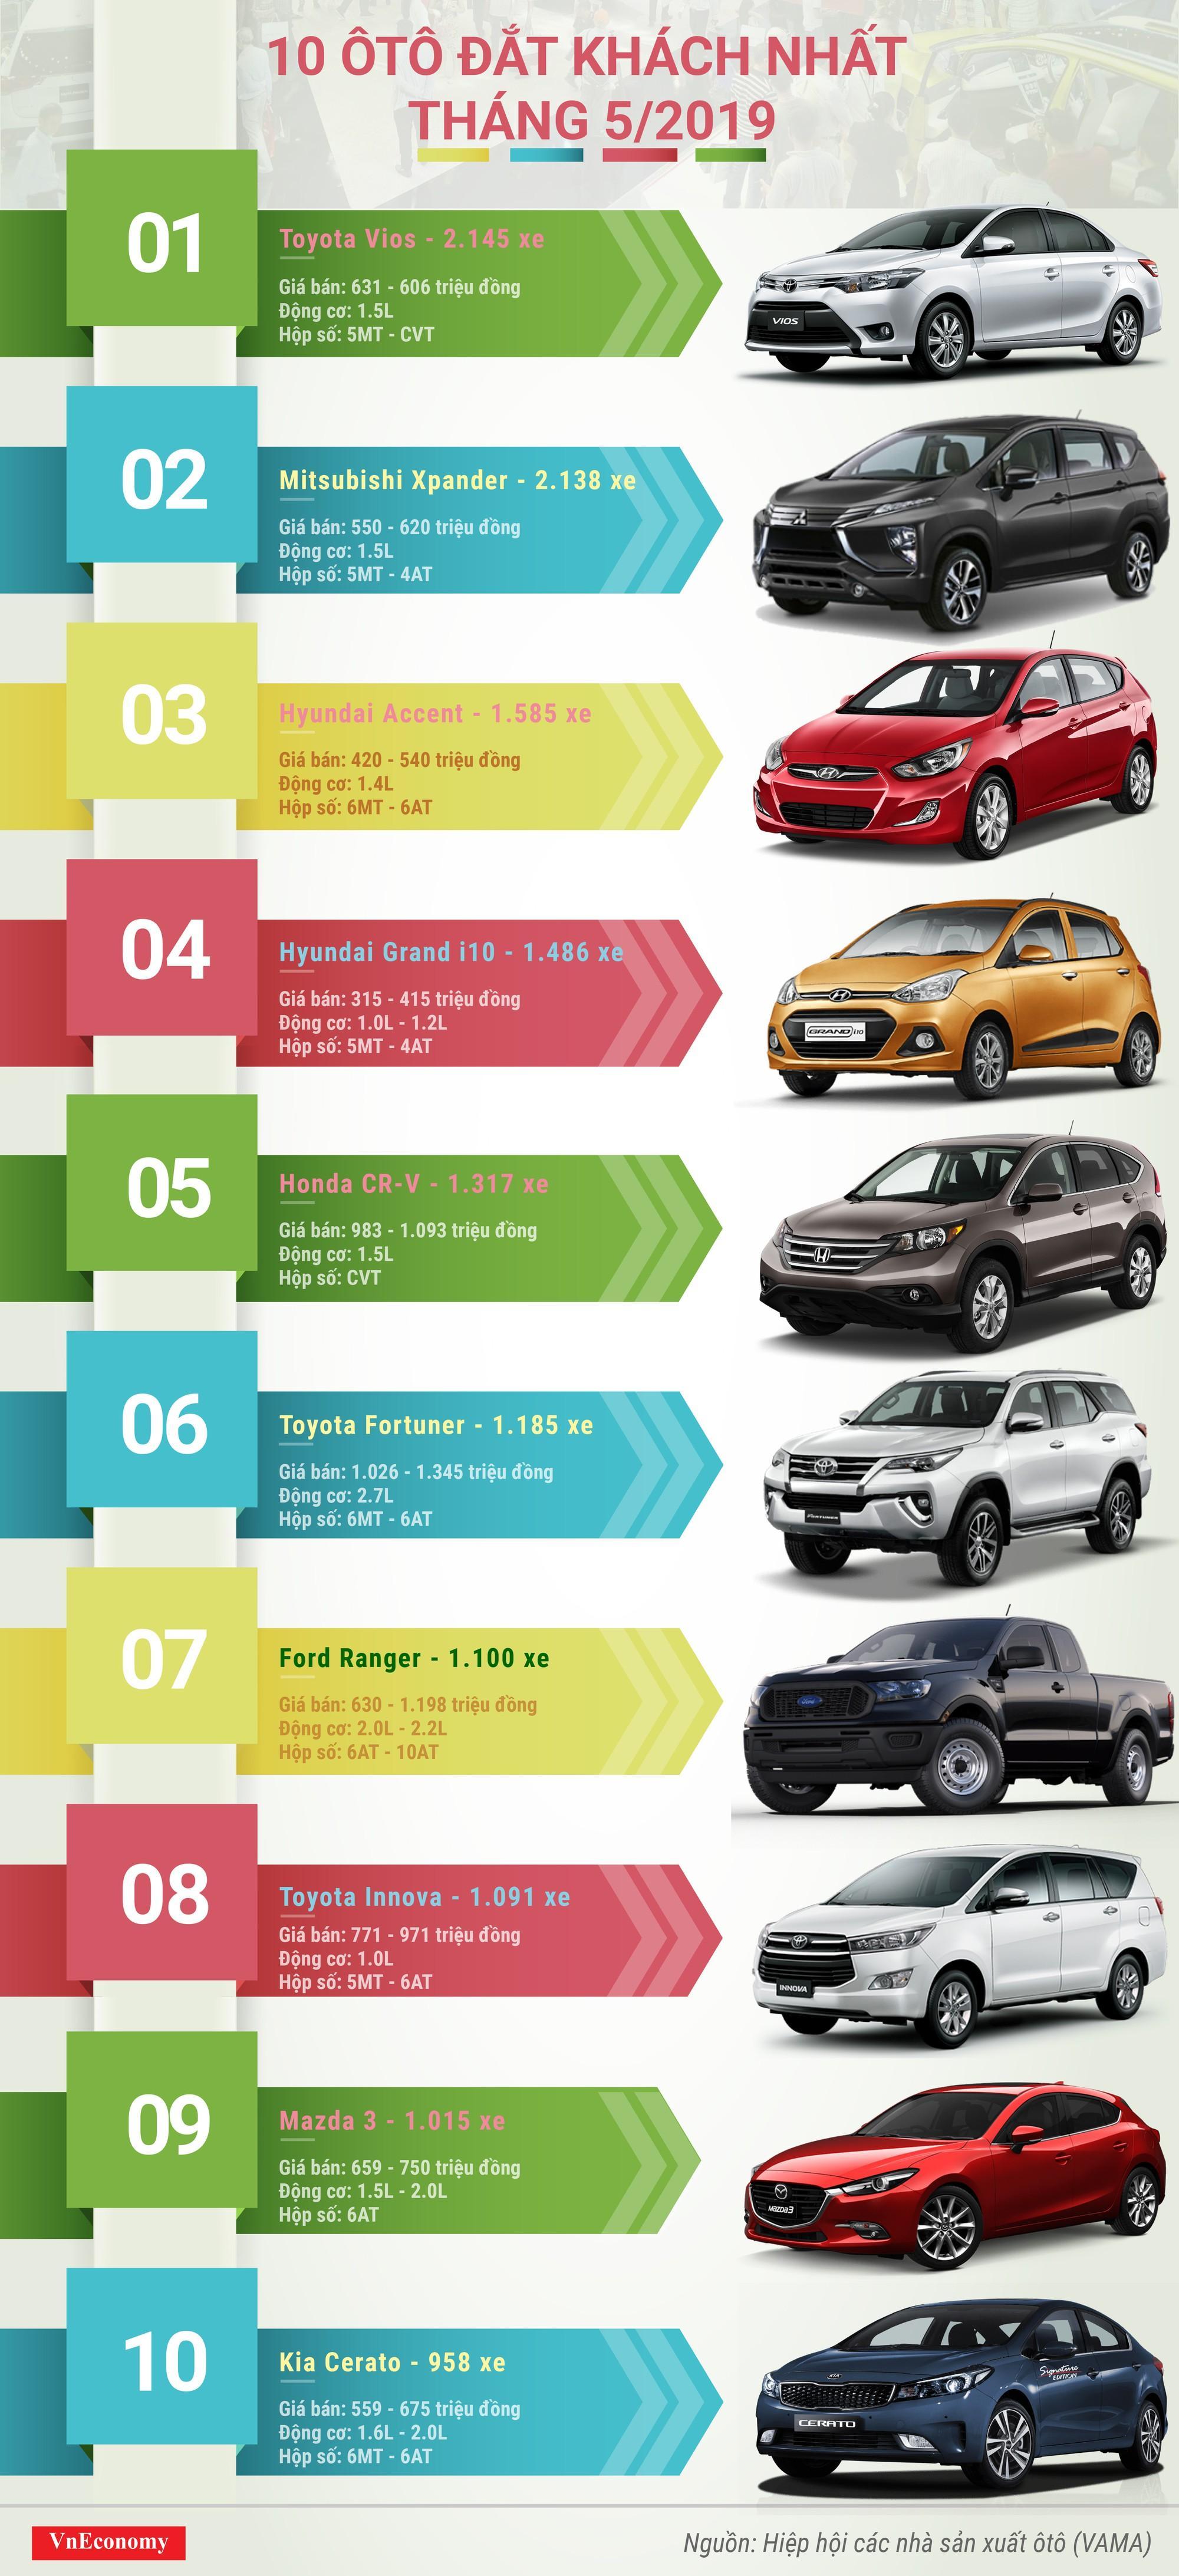 10 ôtô đắt khách nhất tháng 5/2019 Ảnh 1